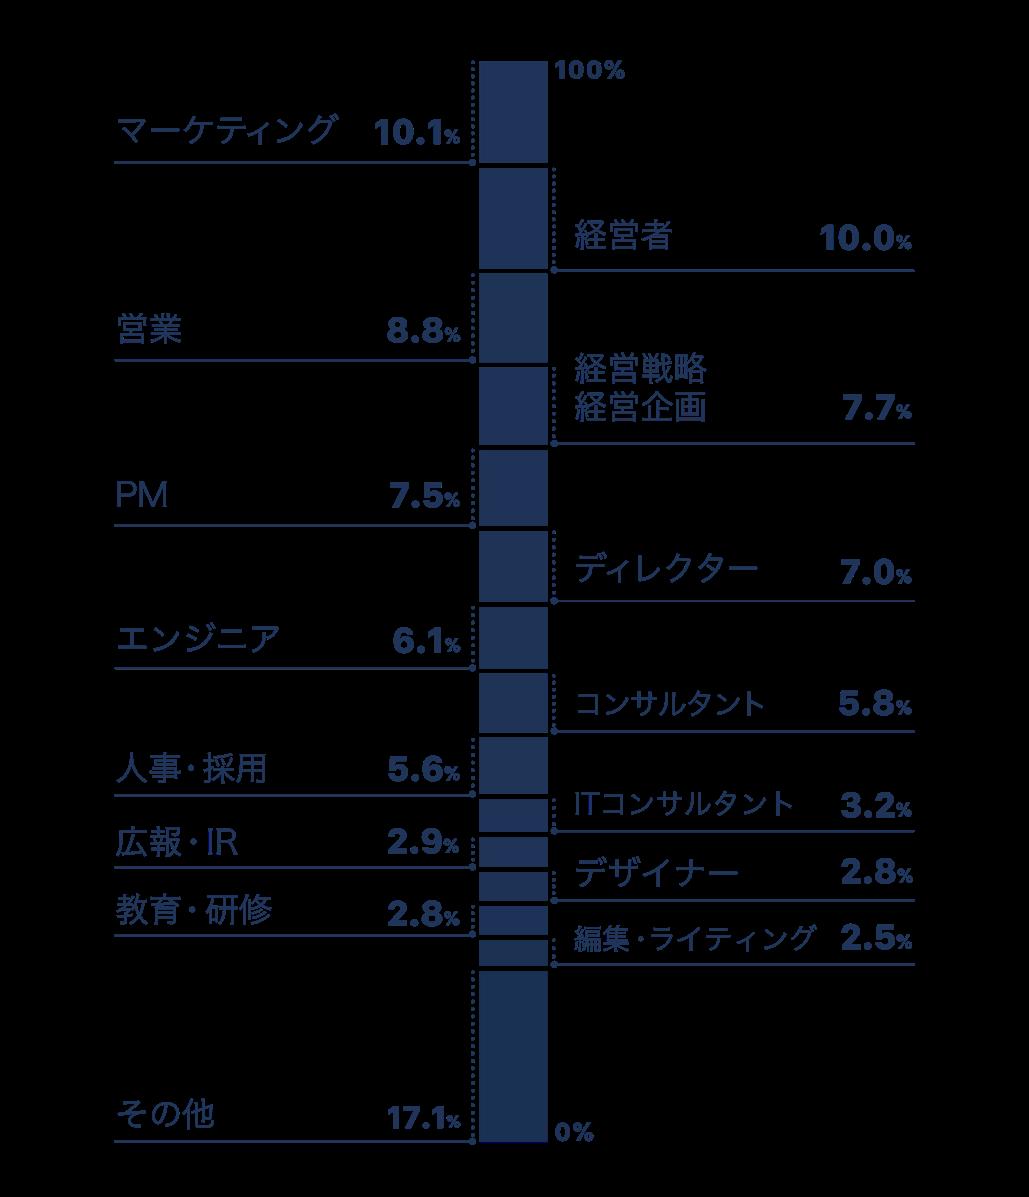 職種別yentaユーザの割合